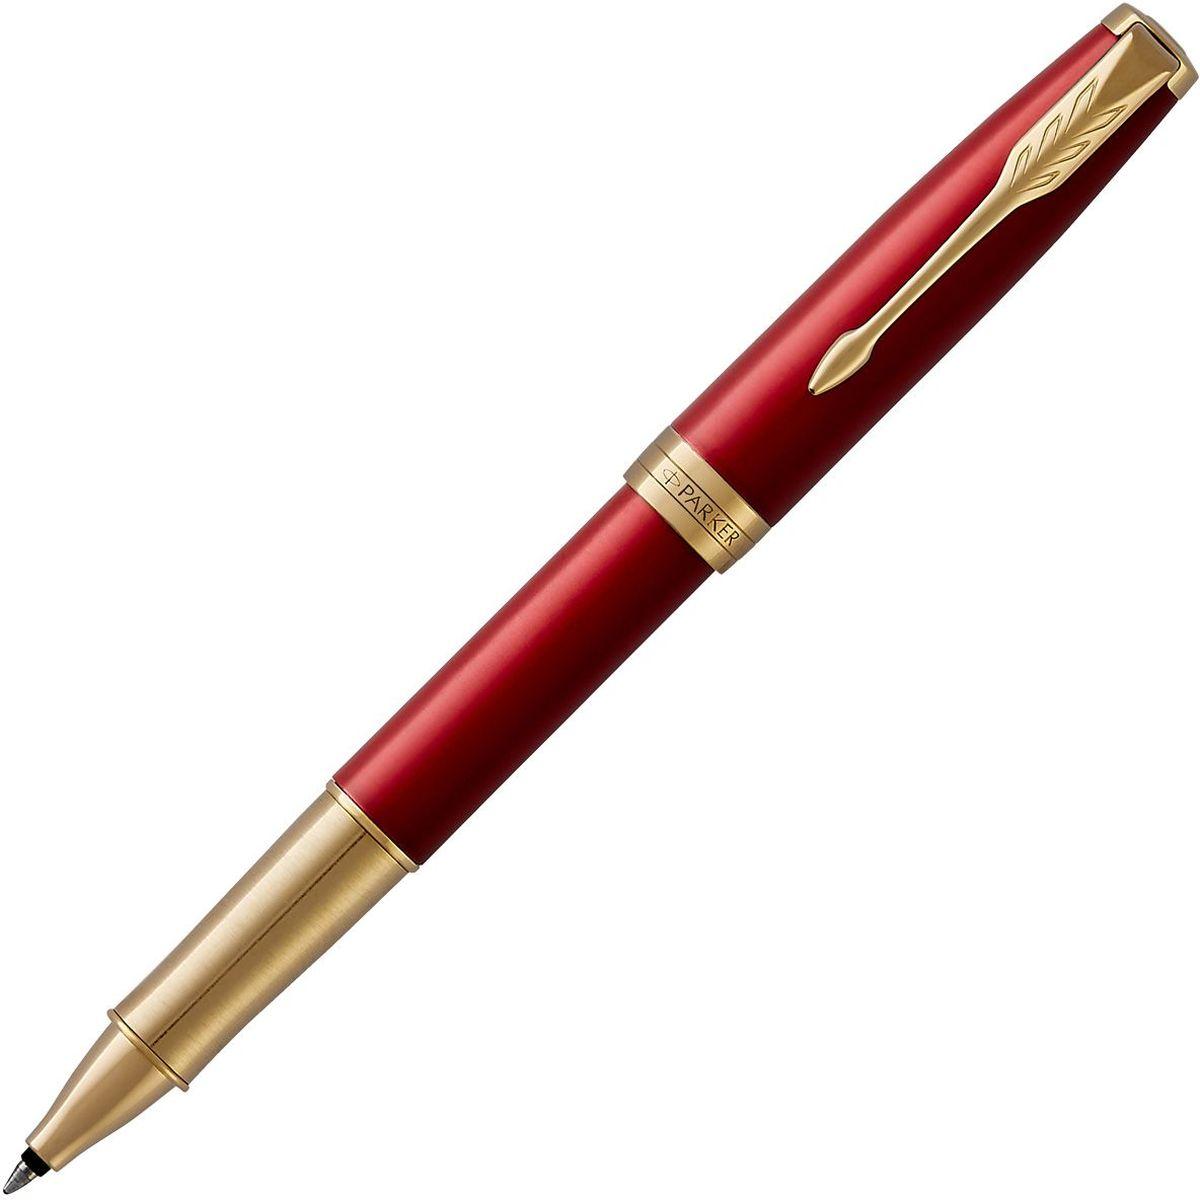 Parker Ручка-роллер-премиум SONNET Red GT черная72523WDМатериал корпуса: нержавеющая сталь. Покрытие корпуса: глянцевый лак глубокого красного цвета.Материал отделки деталей корпуса: Торец ручки: латунь, покрытая золотом. Зажим колпачка: сталь, покрытая золотом. Кольцо: латунь, покрытая золотом. Зона захвата из отполированной нержавеющей стали, покрытой золотом.Способ подачи стержня: с колпачком.Сделано во Франции.Аналог PARKER-S1859471.